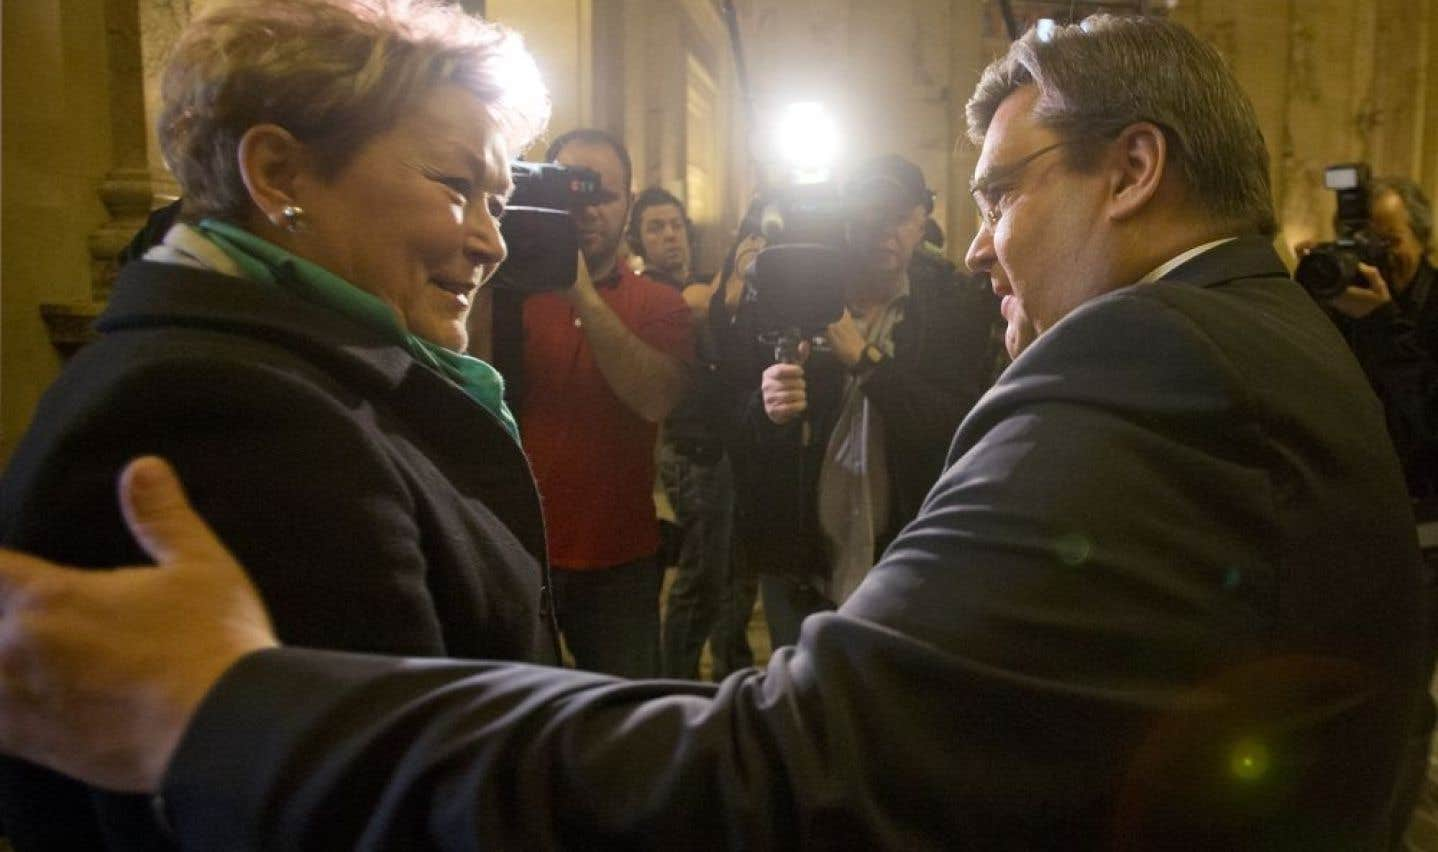 «Les Montréalais, ce dont ils parlent, c'est d'économie. Alors arrivez-moi pas avec une élection référendaire, on n'en veut pas», a déclaré Denis Coderre à l'occasion de sa rencontre, dimanche, avec Pauline Marois.